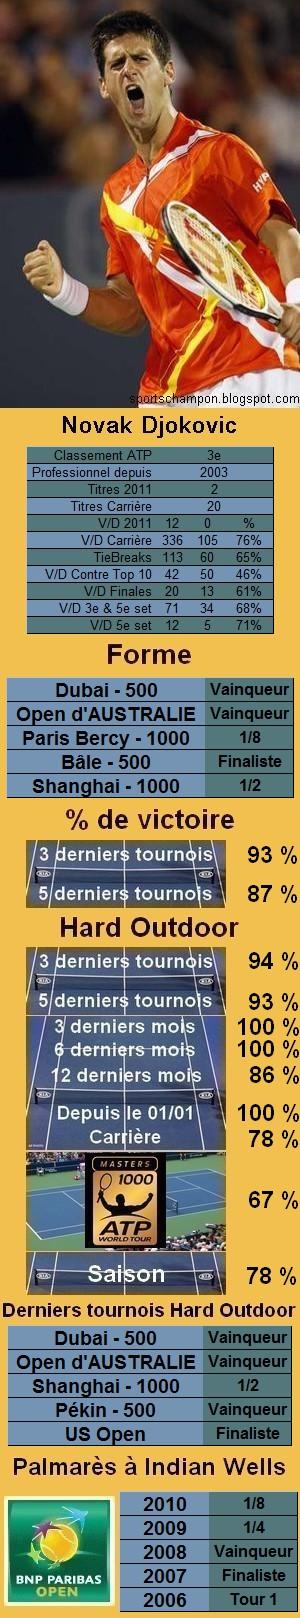 Les statistiques tennis de Novak Djokovic pour le tournoi de Indian Wells